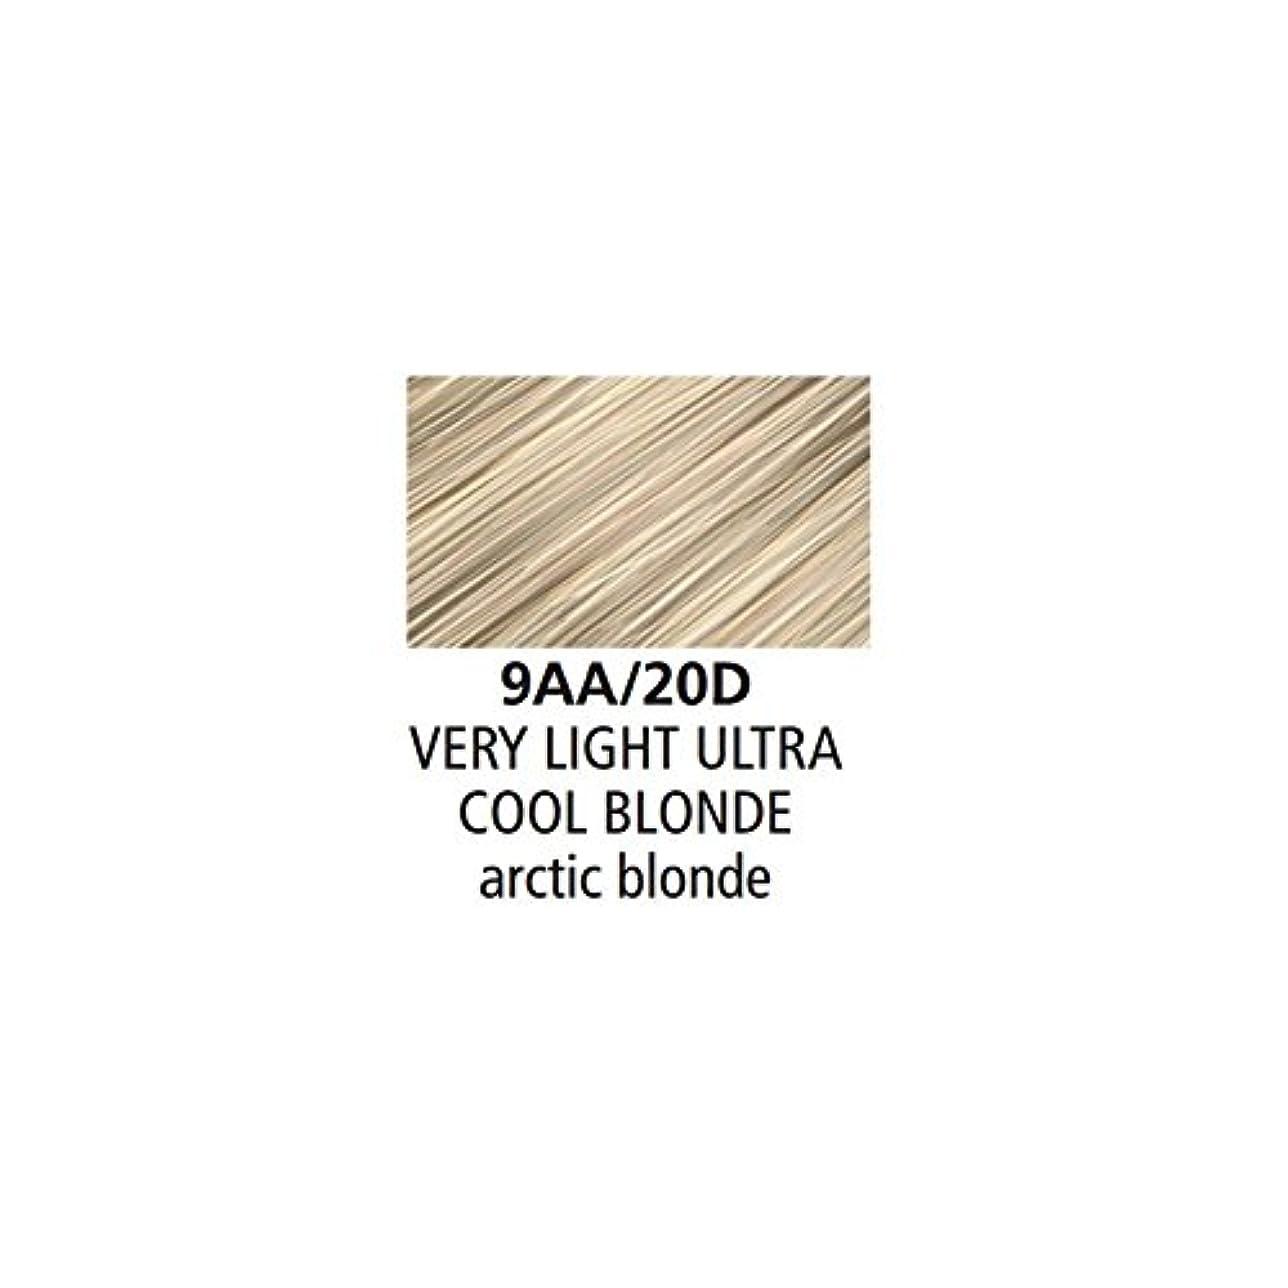 忘れられない深遠消毒剤Clairol Professional - SOY4PLEX - Liquicolor Permanente - Very Light Ultra Cool Blonde - 9AA/20D - 2 oz / 59 mL